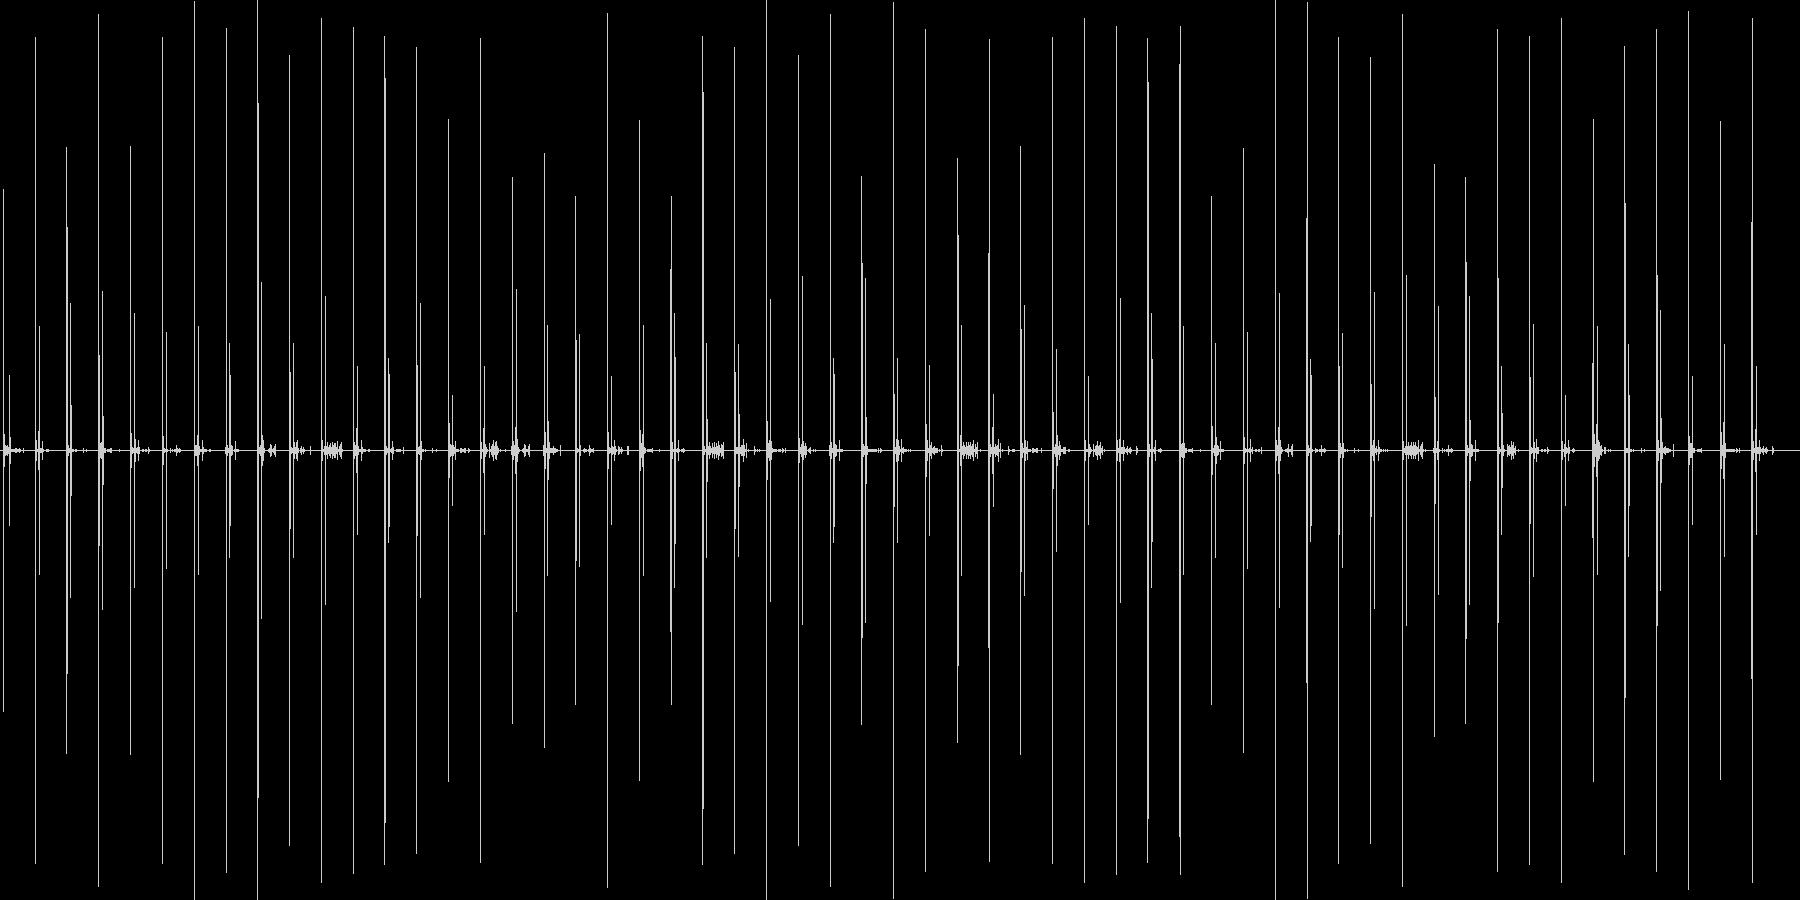 スニーカーで病院などの廊下を歩く音の未再生の波形